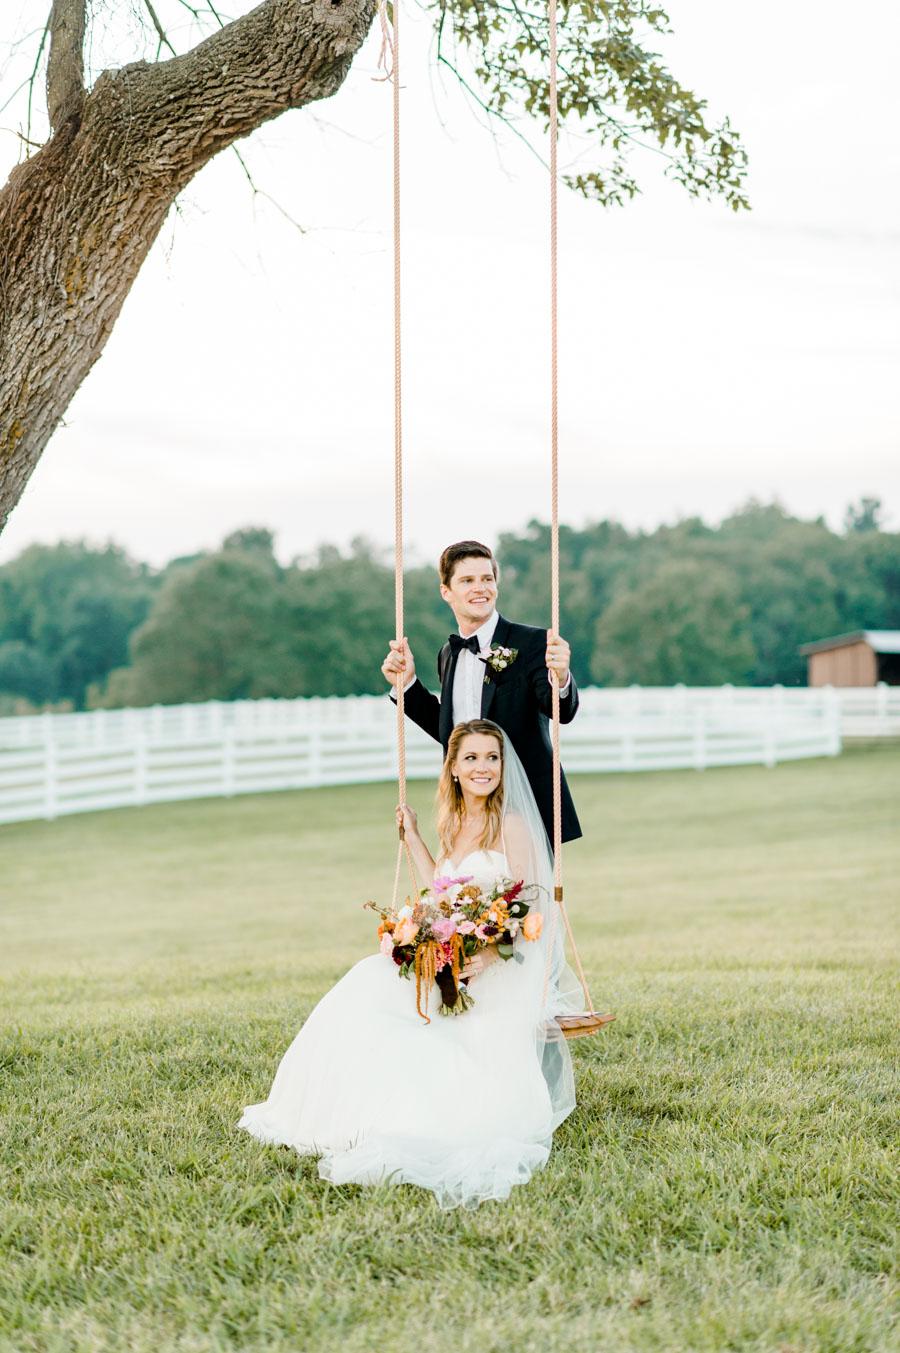 Fashion Designer Wedding with Romantic Elegance - photo by Caroline Lima Photography https://ruffledblog.com/fashion-designer-wedding-with-romantic-elegance